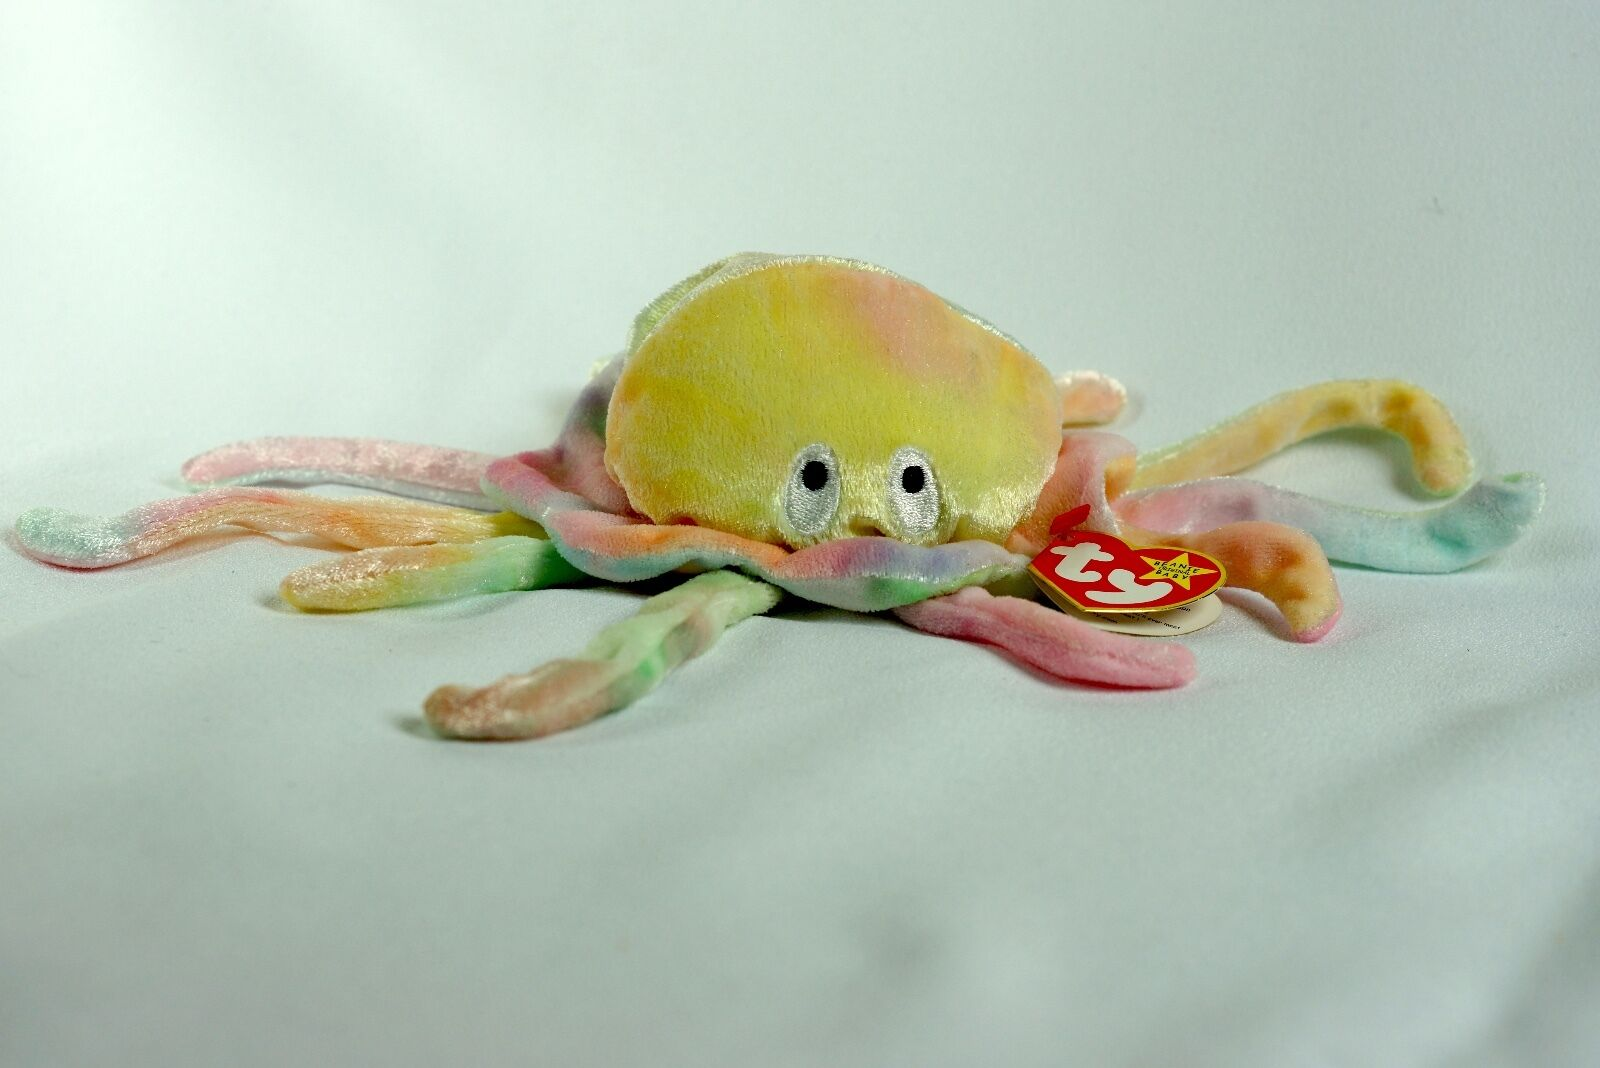 Ty mütze goochy squid w   tag fehler stofftiers selten pe neue rentner